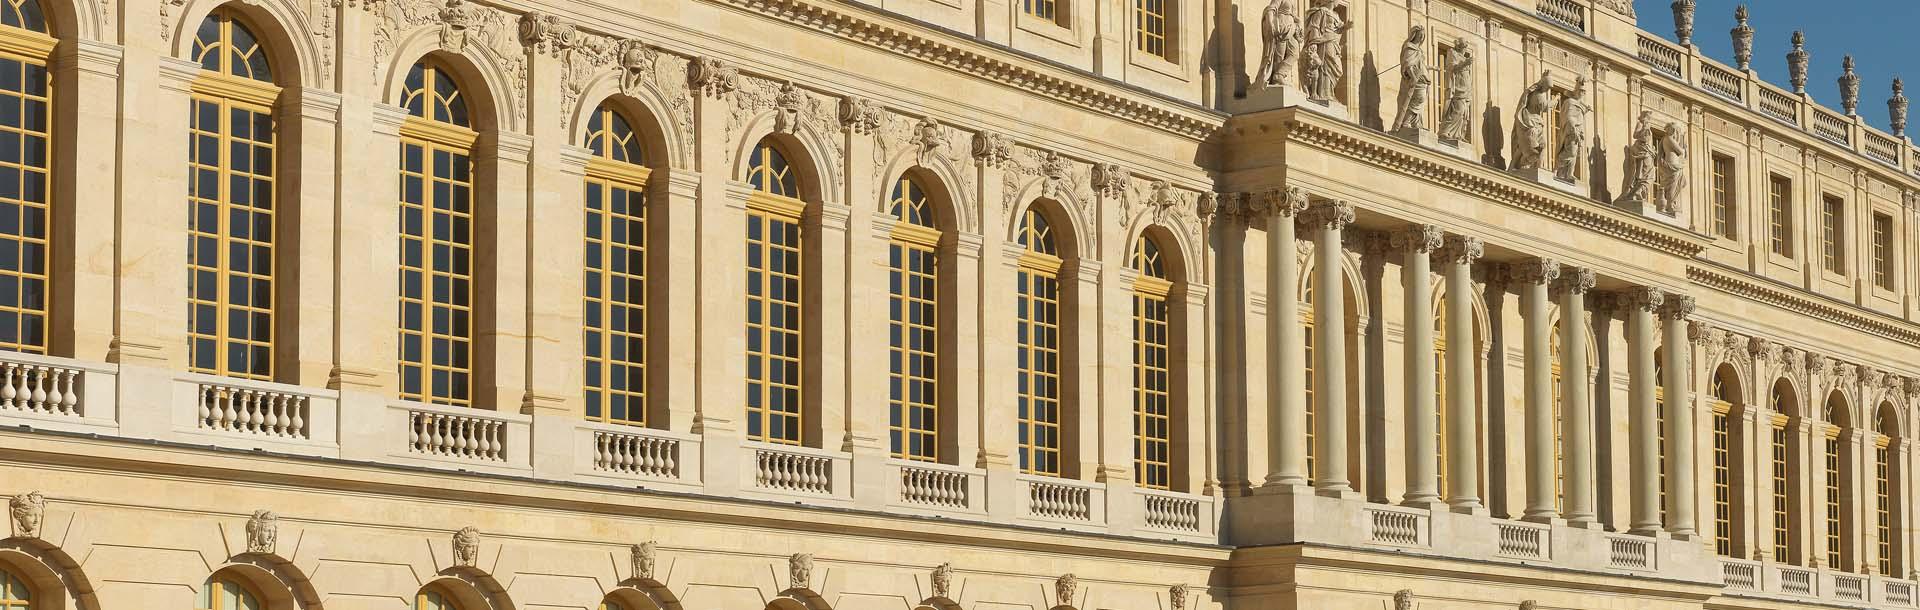 Restauration des fenêtres du château de Versailles